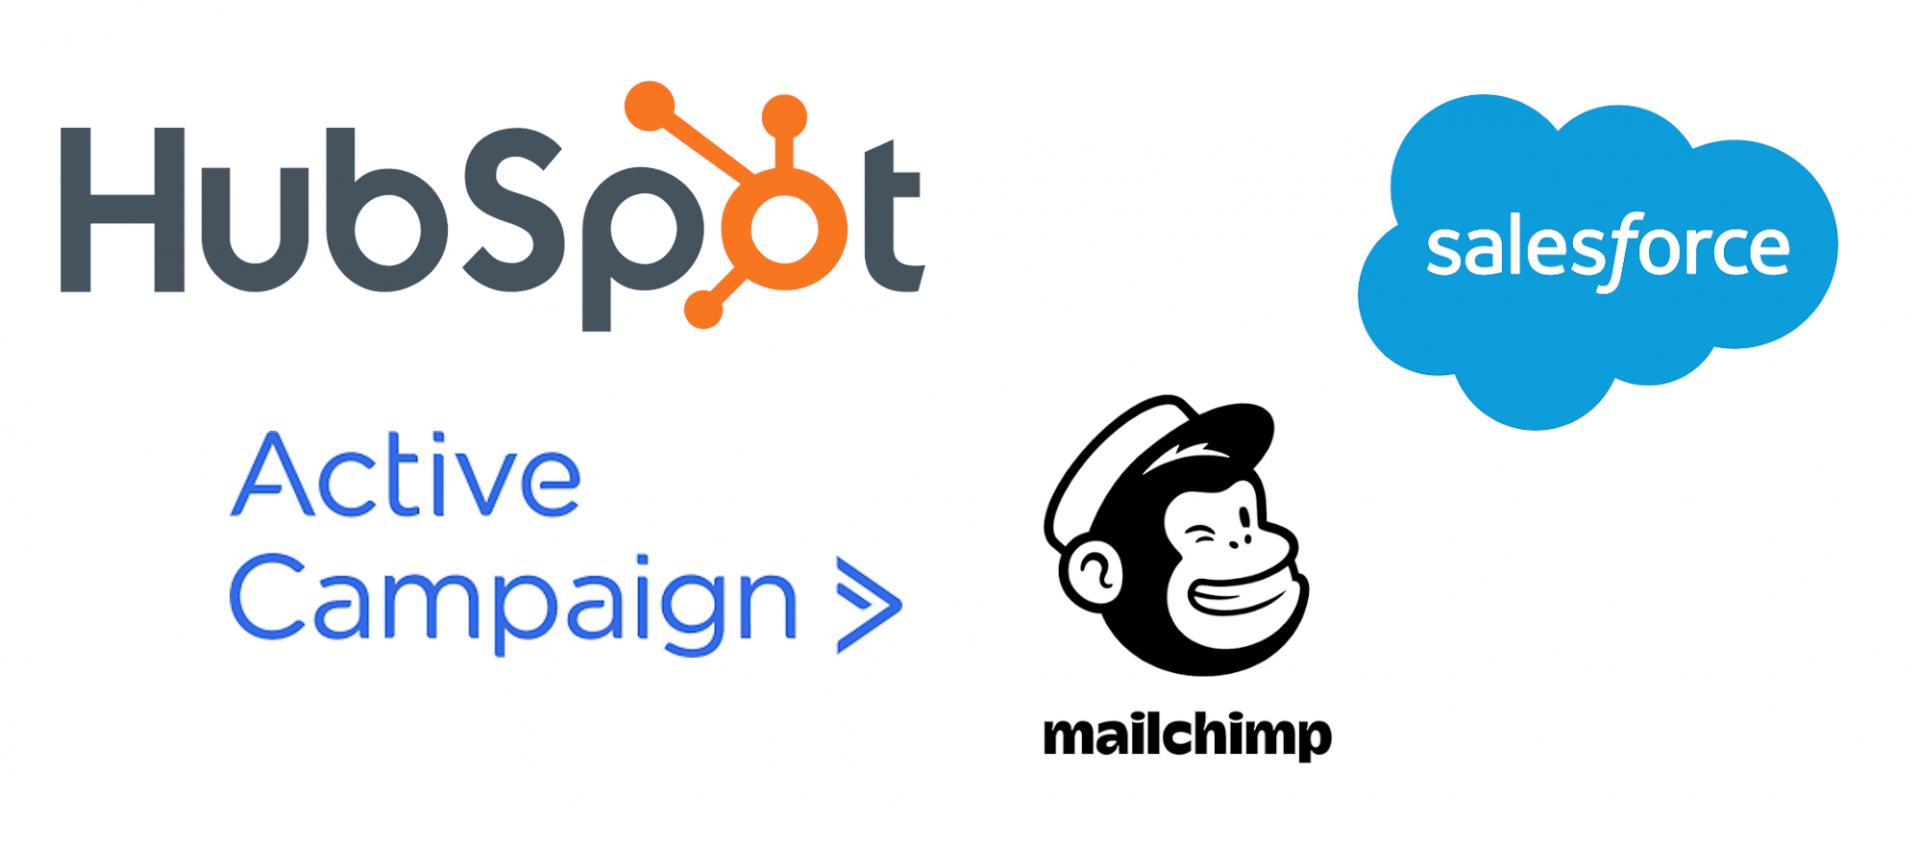 Markkinoinnin automaatio työkalut - HubSpot, ActiveCampaign, Salesforce, MailChimp